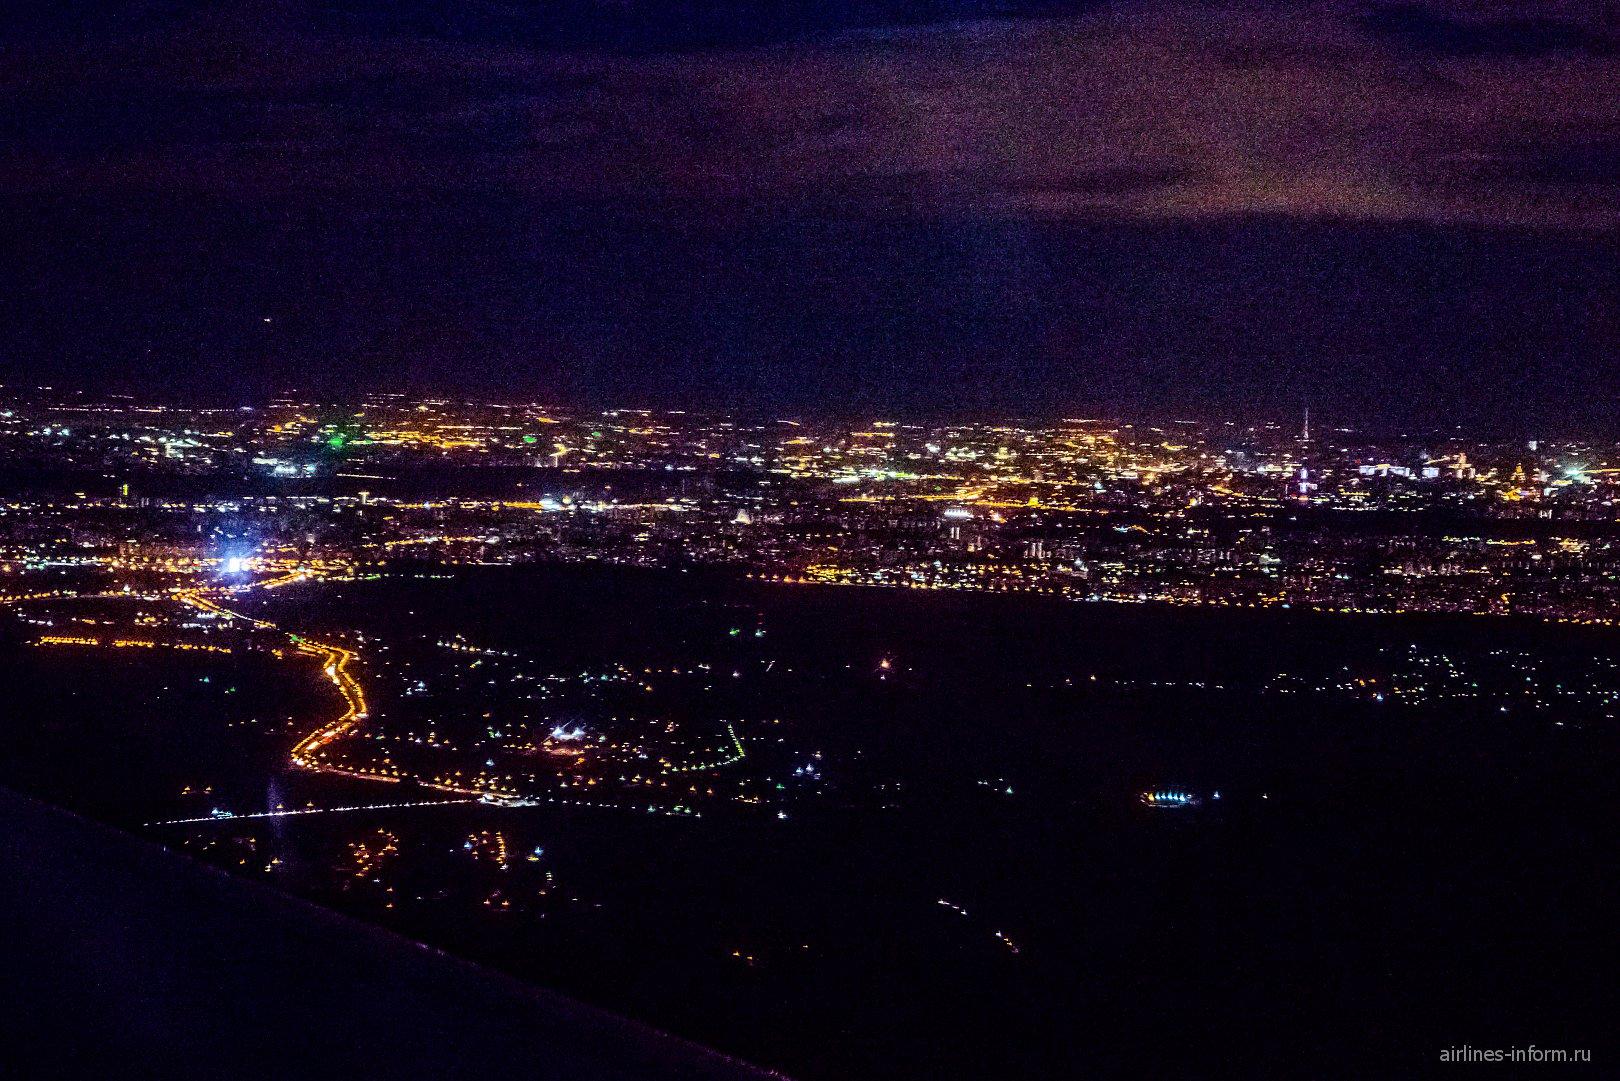 Ночная Москва. Справа - Останкинская башня.